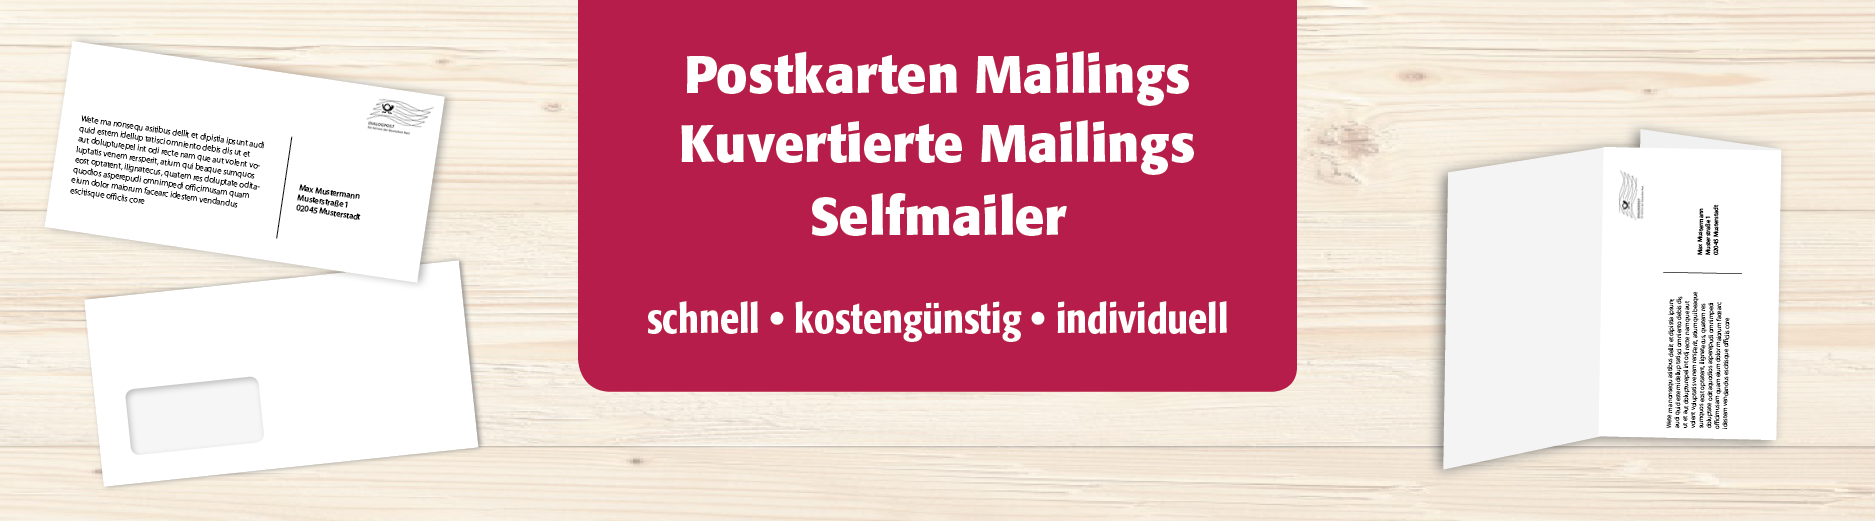 Lettershop_Mailing_Startseite-Angebote